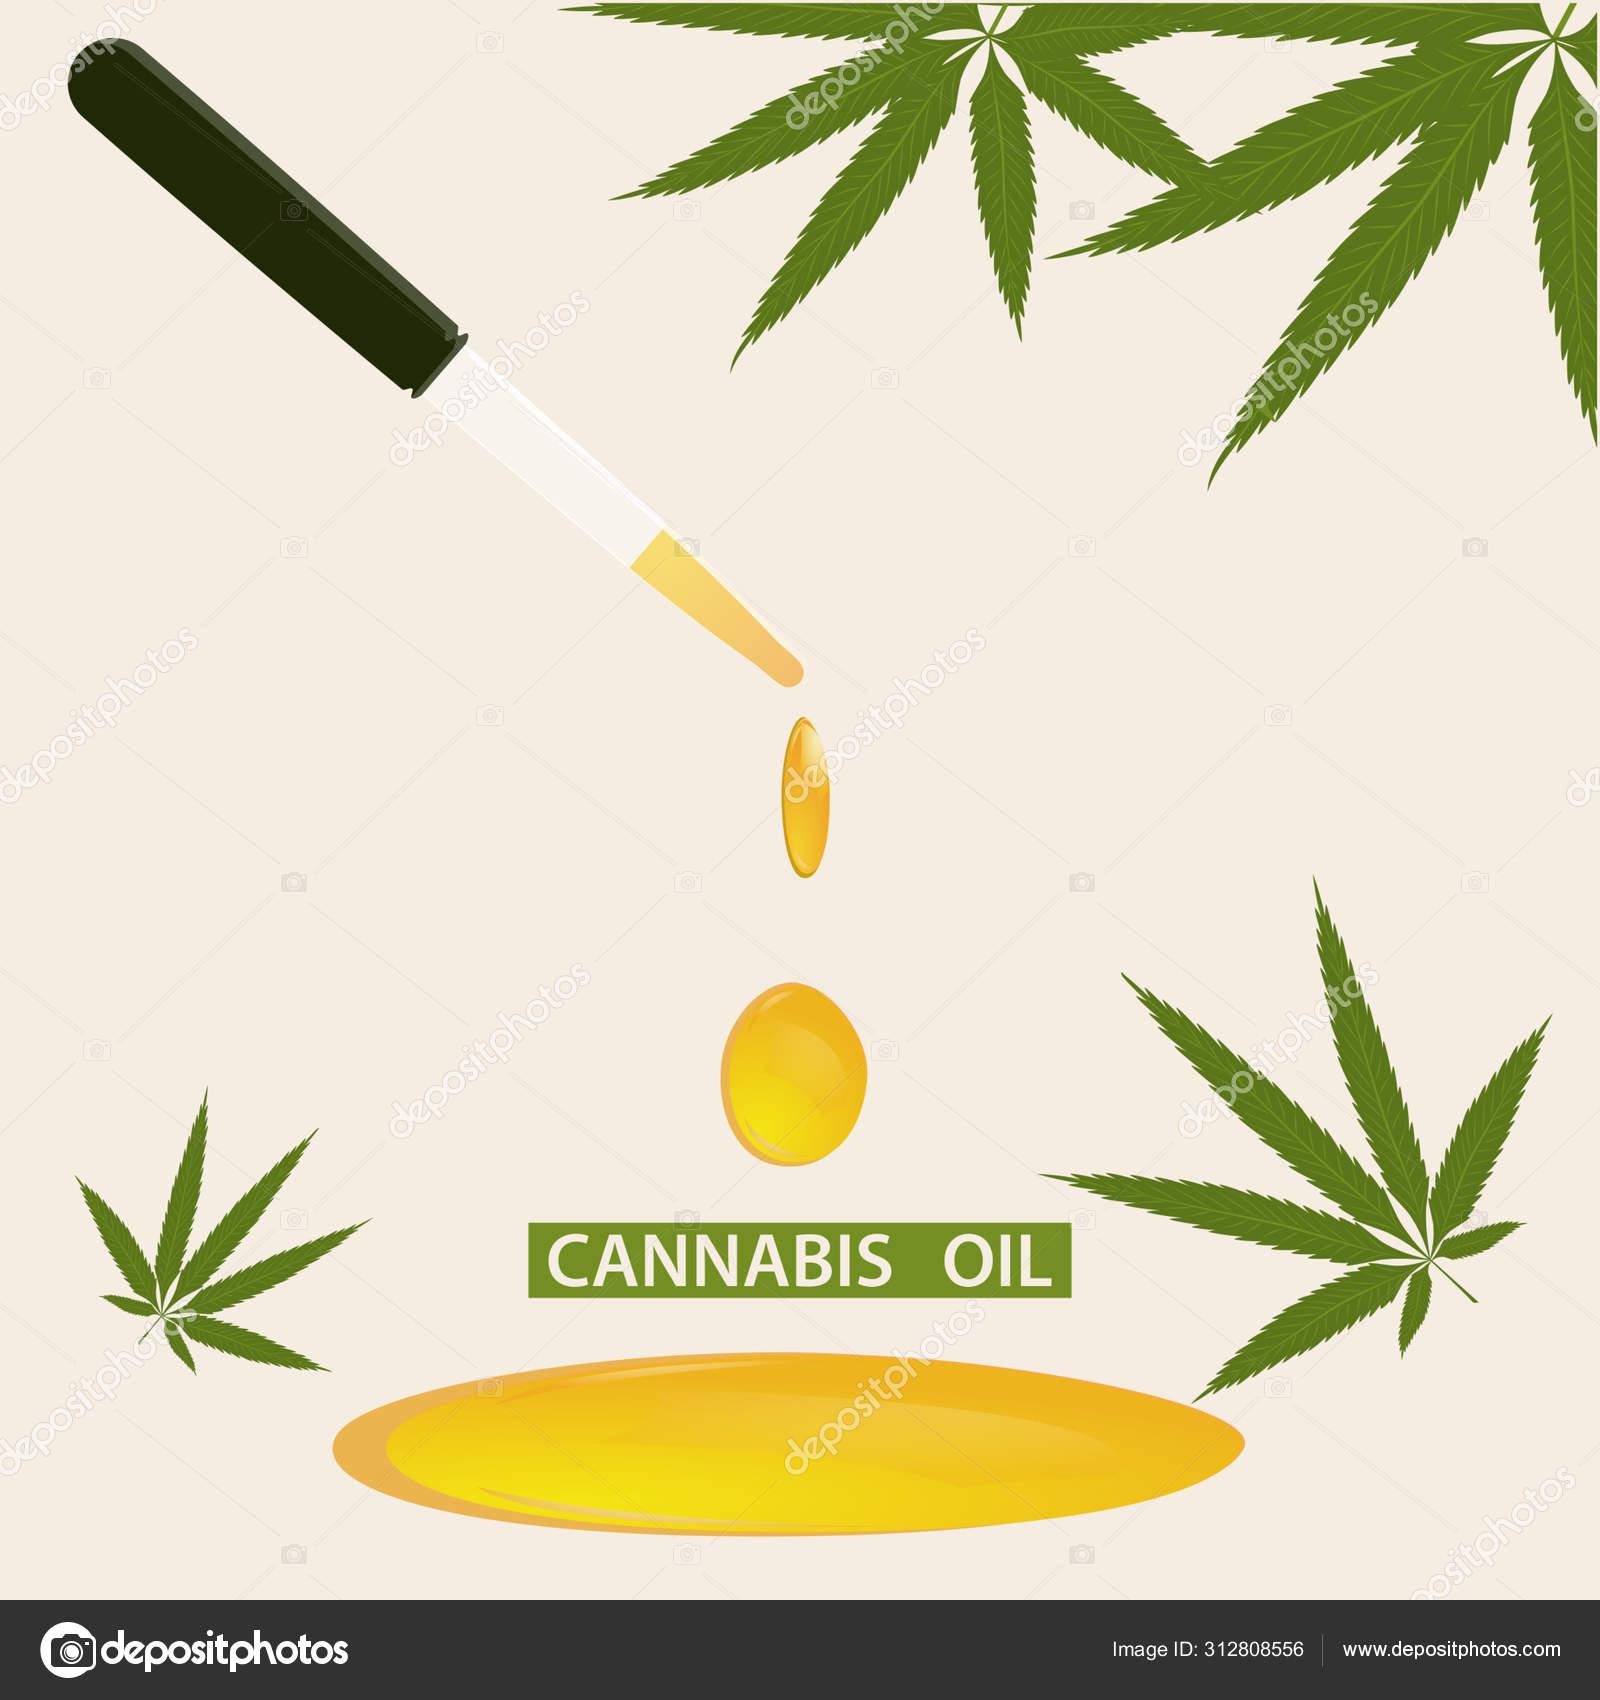 Конопля трубка врачи о курении марихуаны